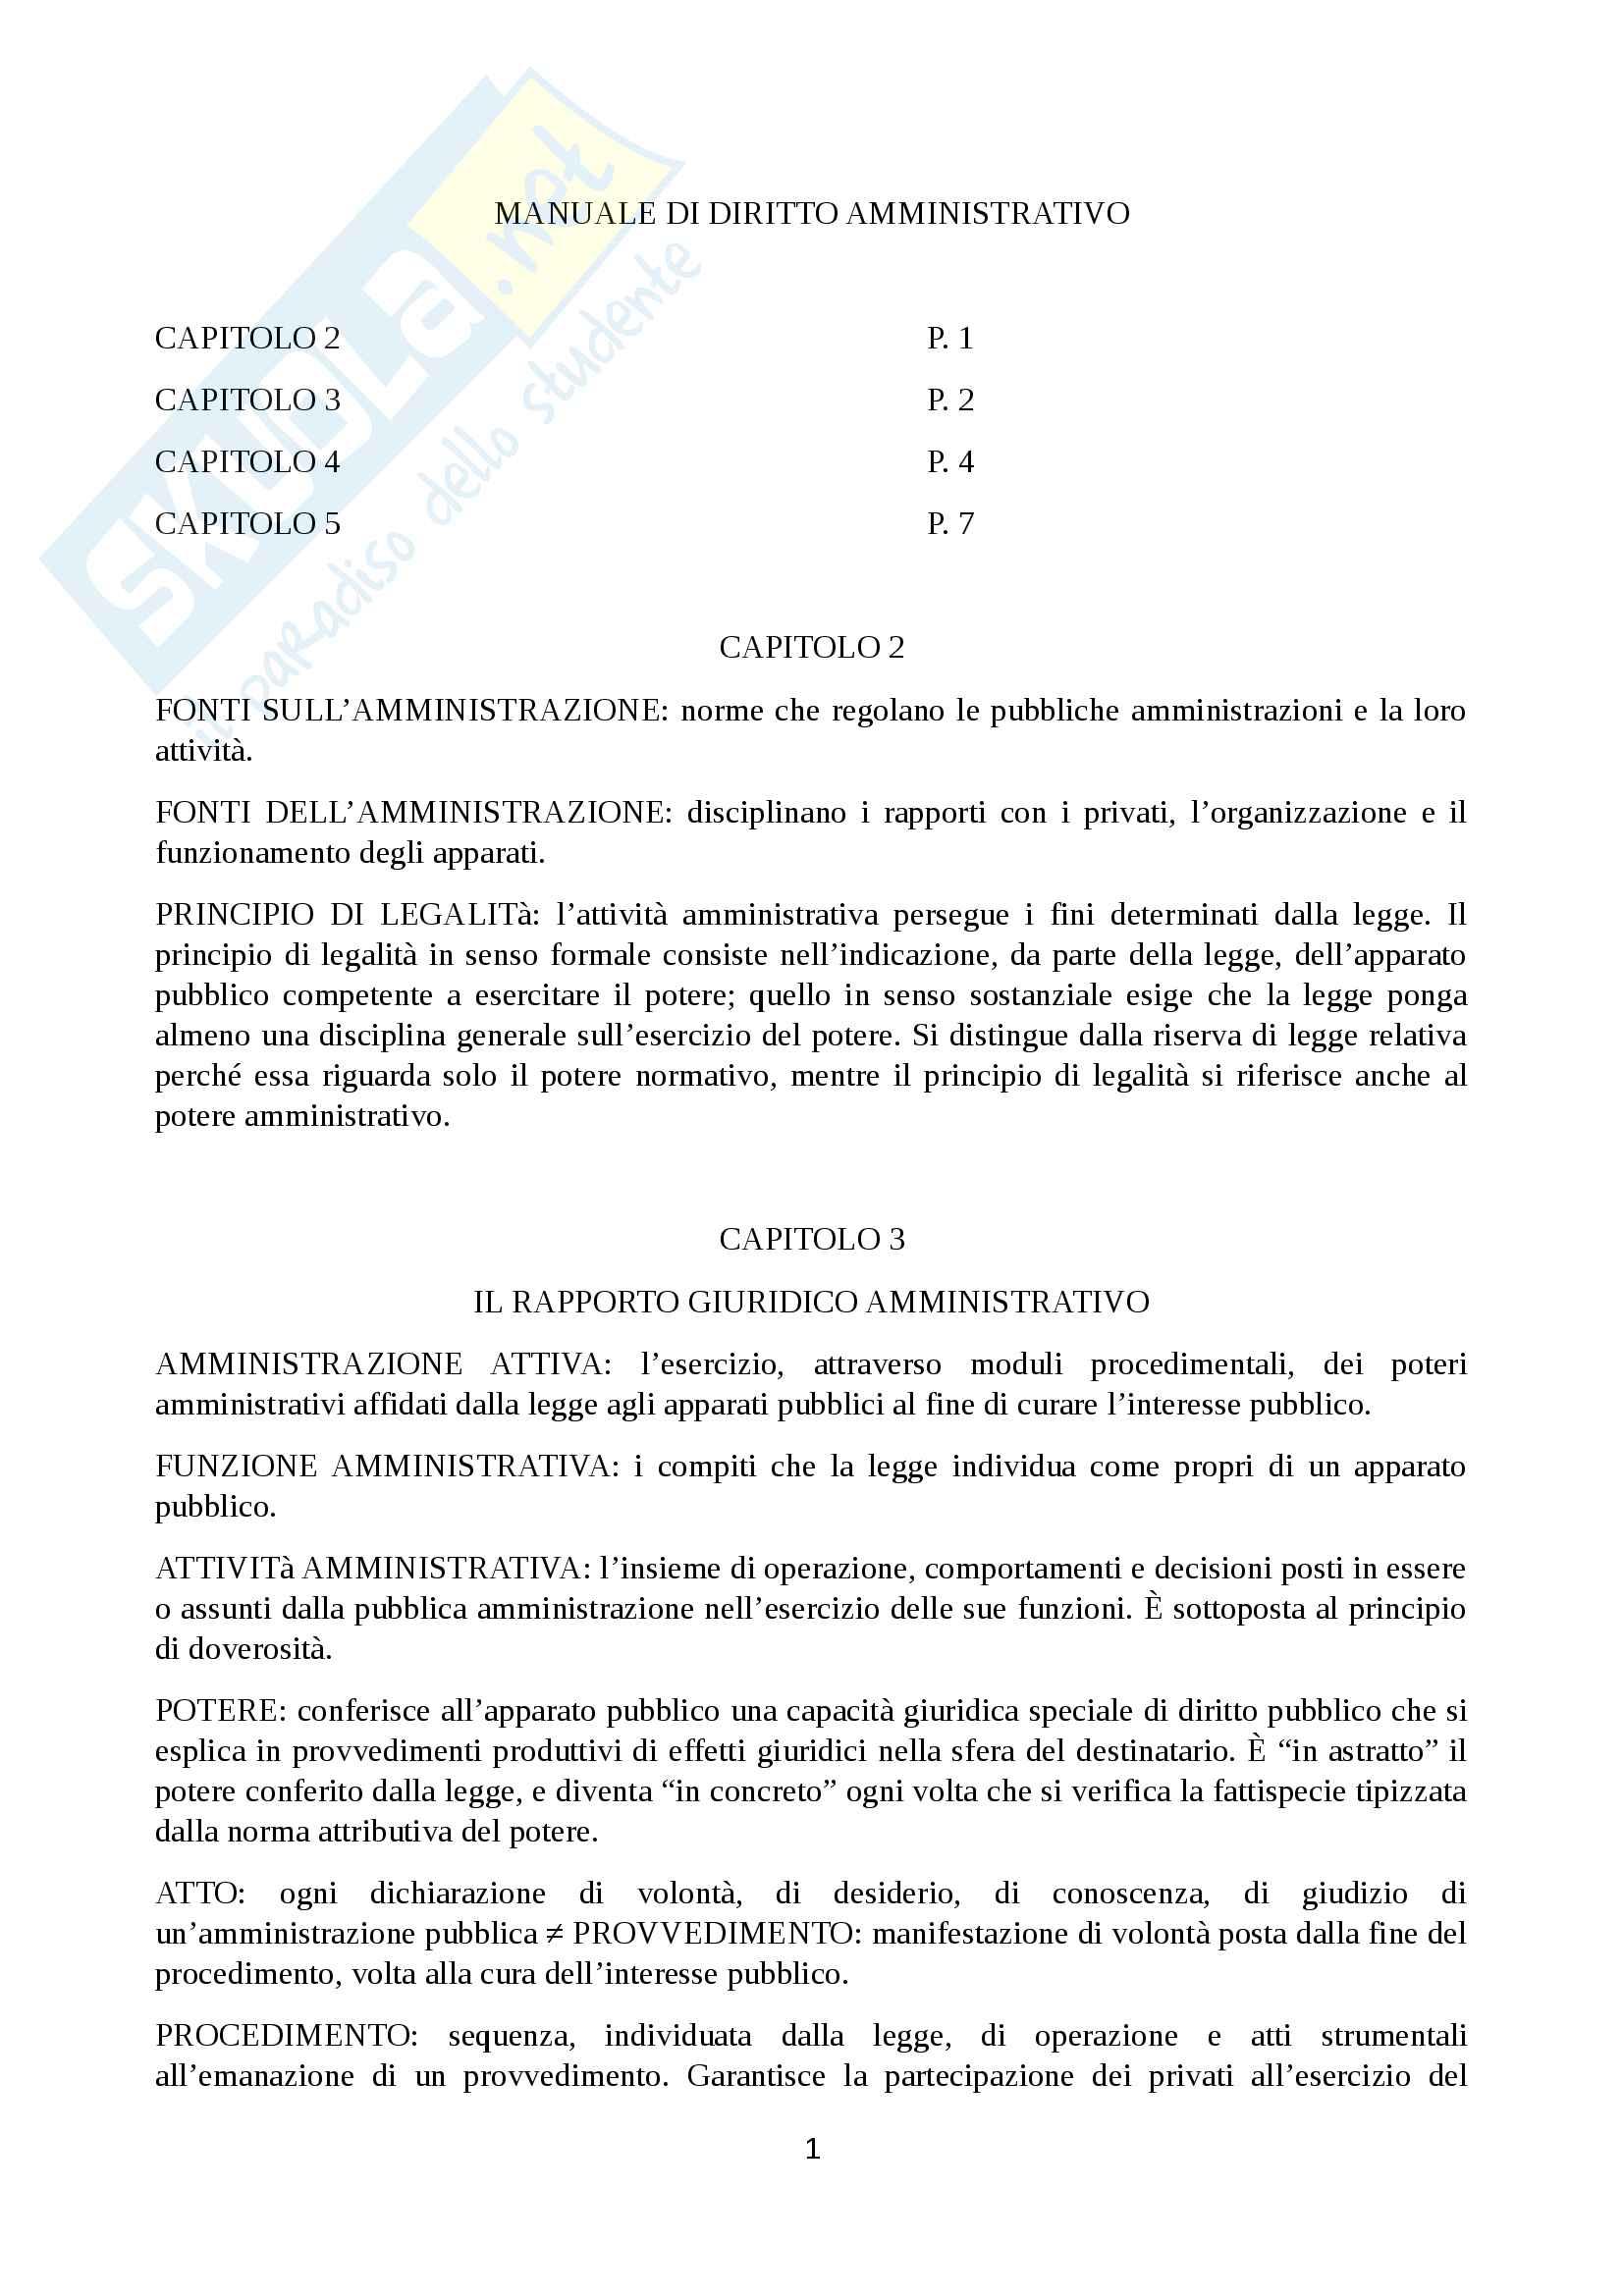 Riassunto principi di diritto pubblico e amministrativo, prof Martines, libro consigliato Manuale di diritto amministrativo, Clarich